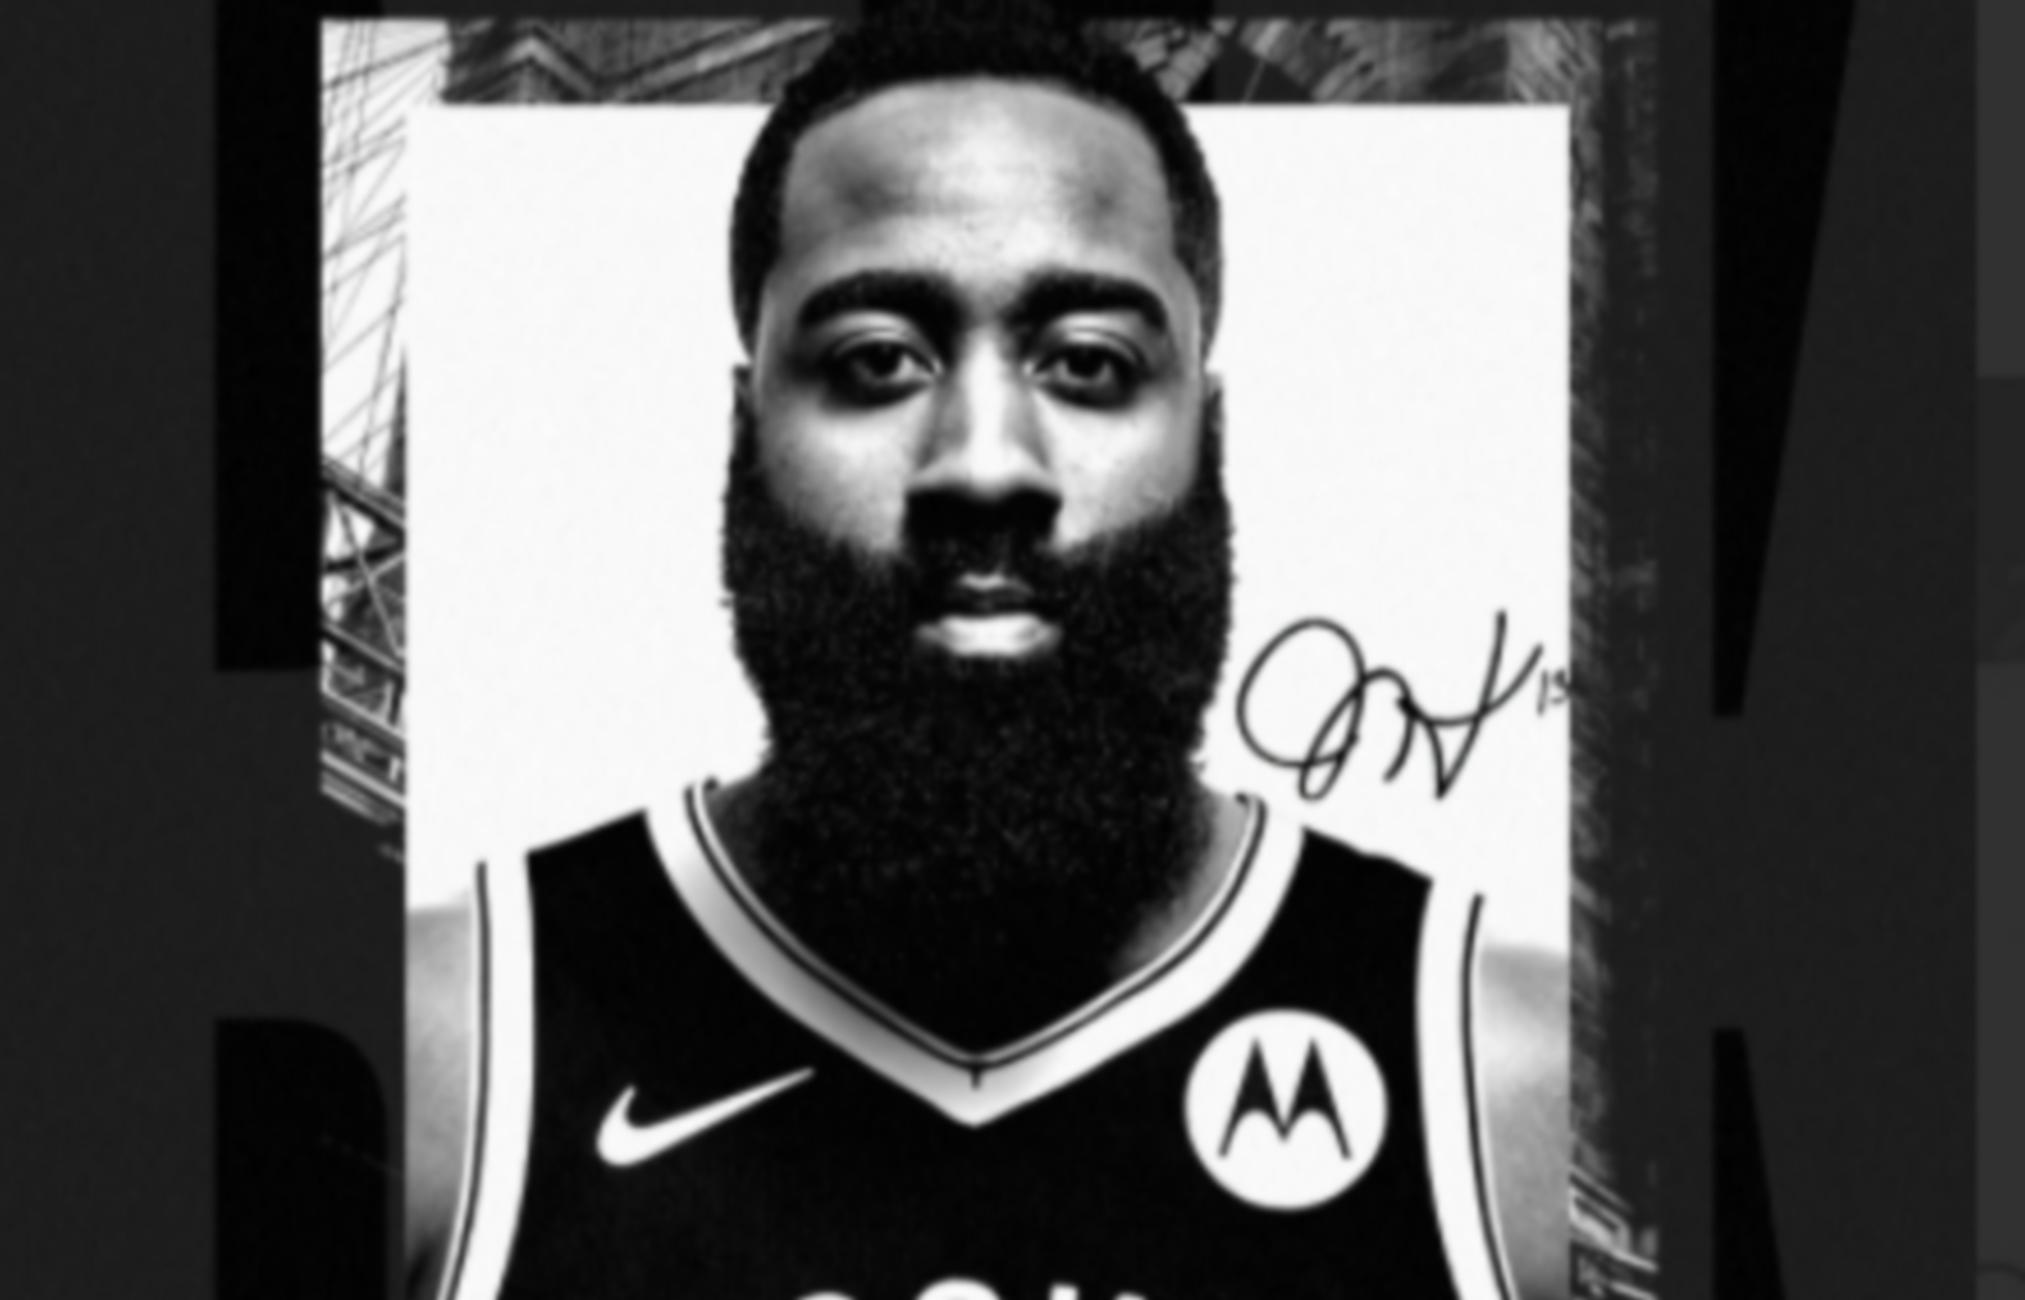 «Βόμβα» και επίσημα στο NBA: Ανακοίνωσαν Χάρντεν οι Μπρούκλιν Νετς (pics)